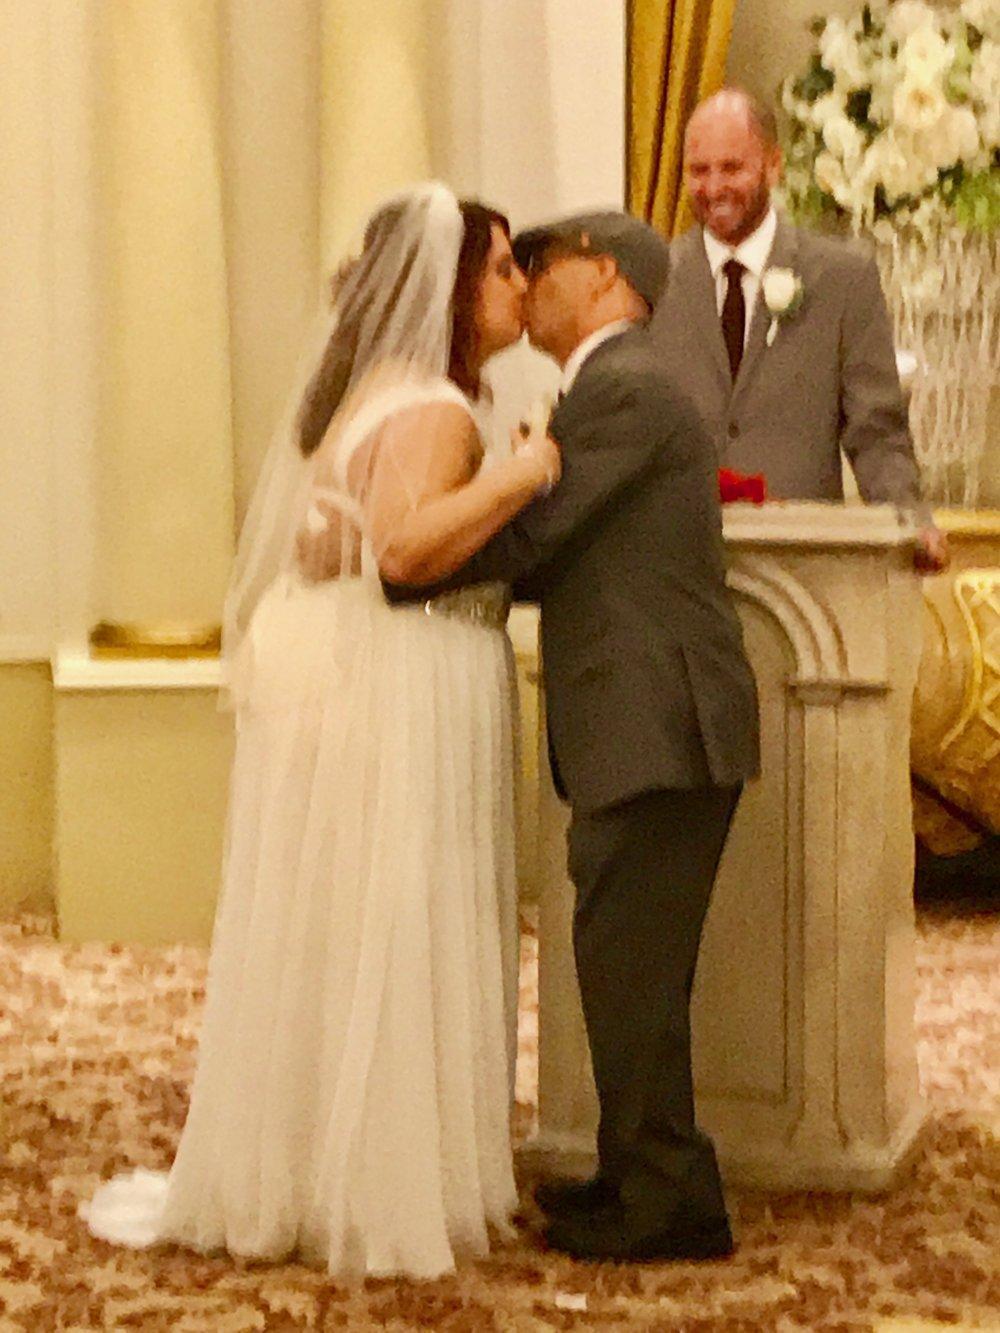 Bride & Groom Kissing.jpg*.jpg